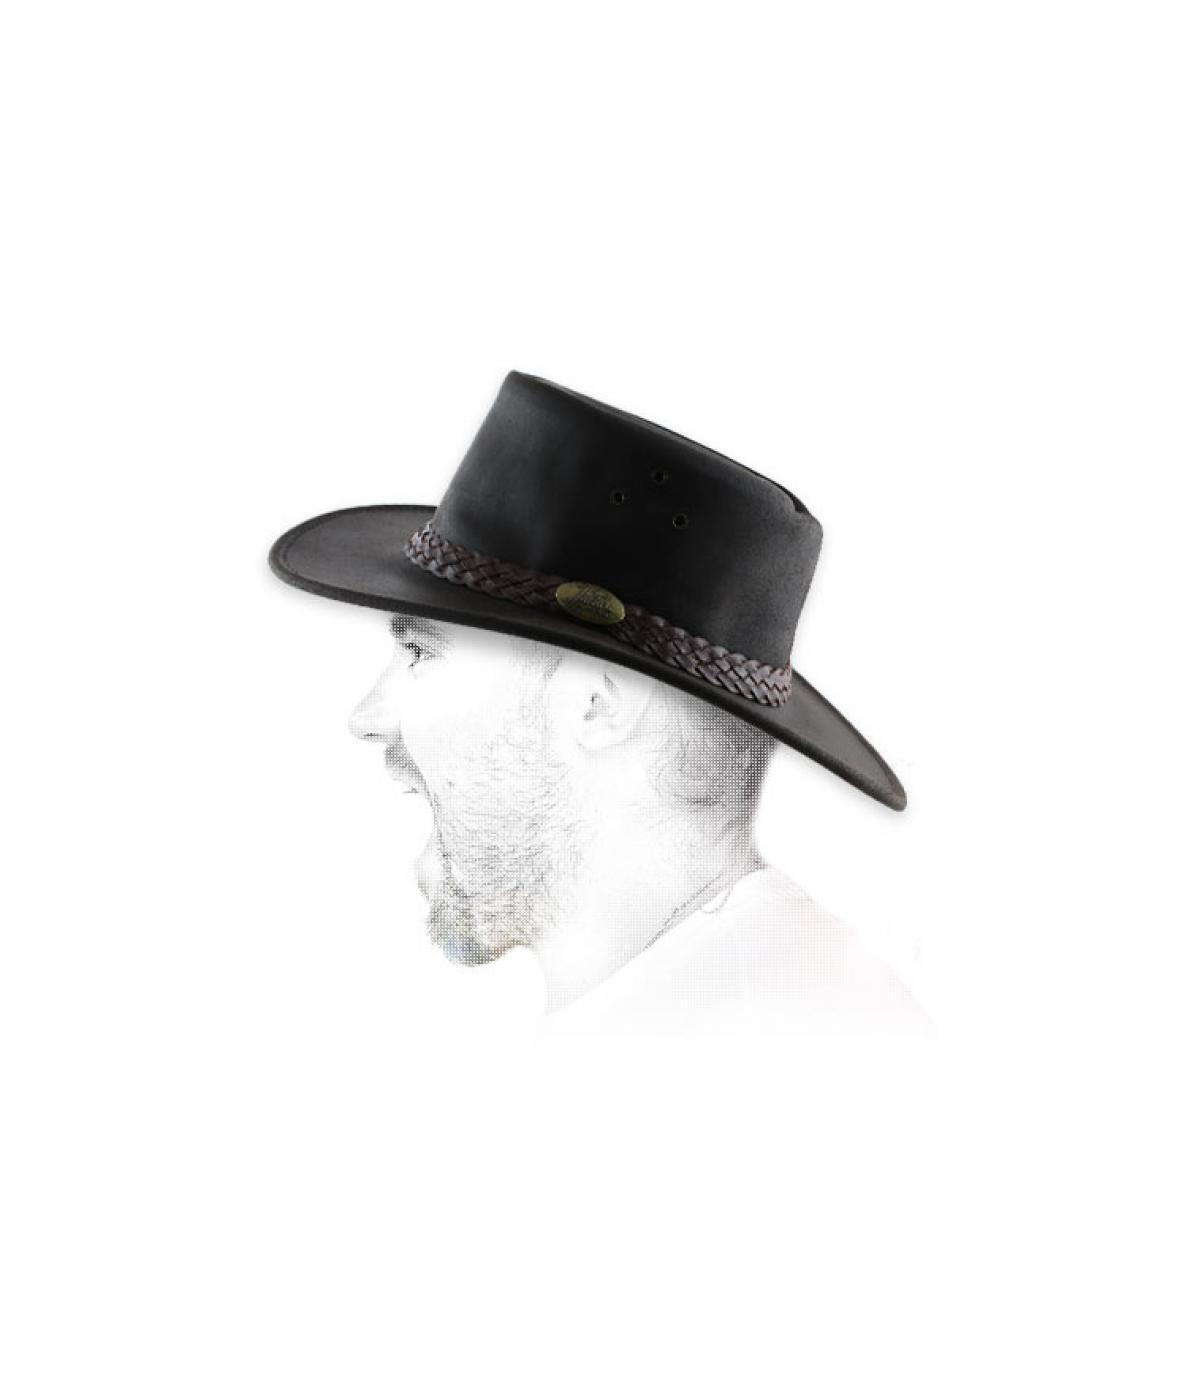 cappello di pelle ingrassata marrone